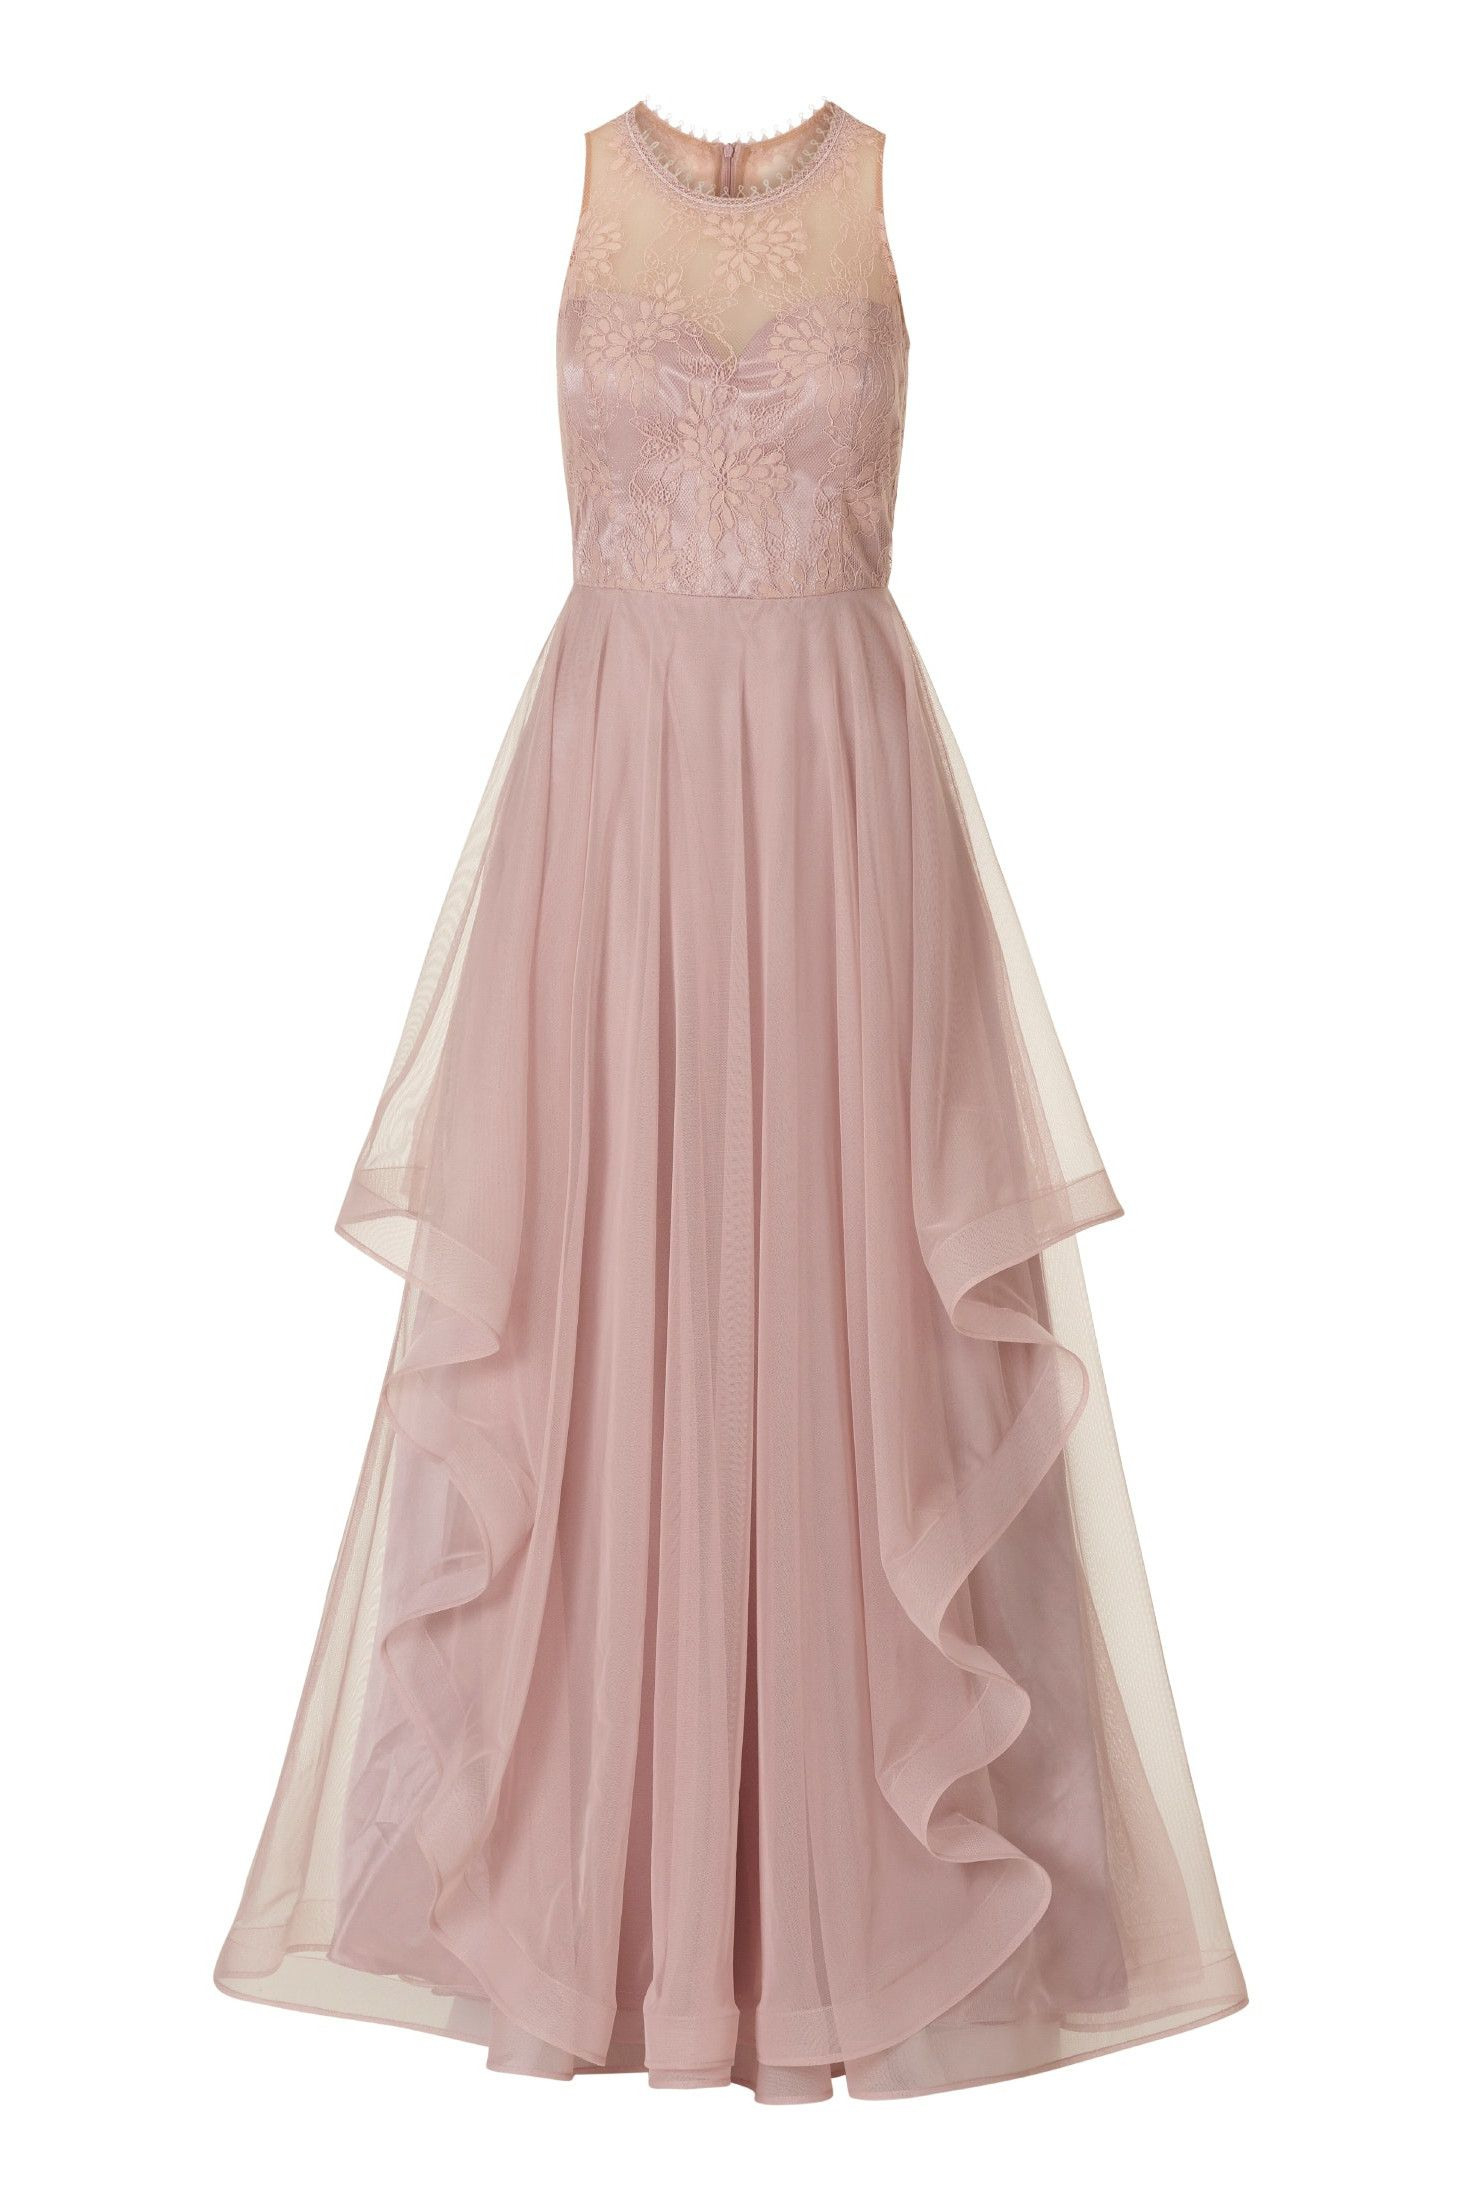 13 Cool Vera Mont Abendkleid Rosa Galerie15 Genial Vera Mont Abendkleid Rosa Bester Preis